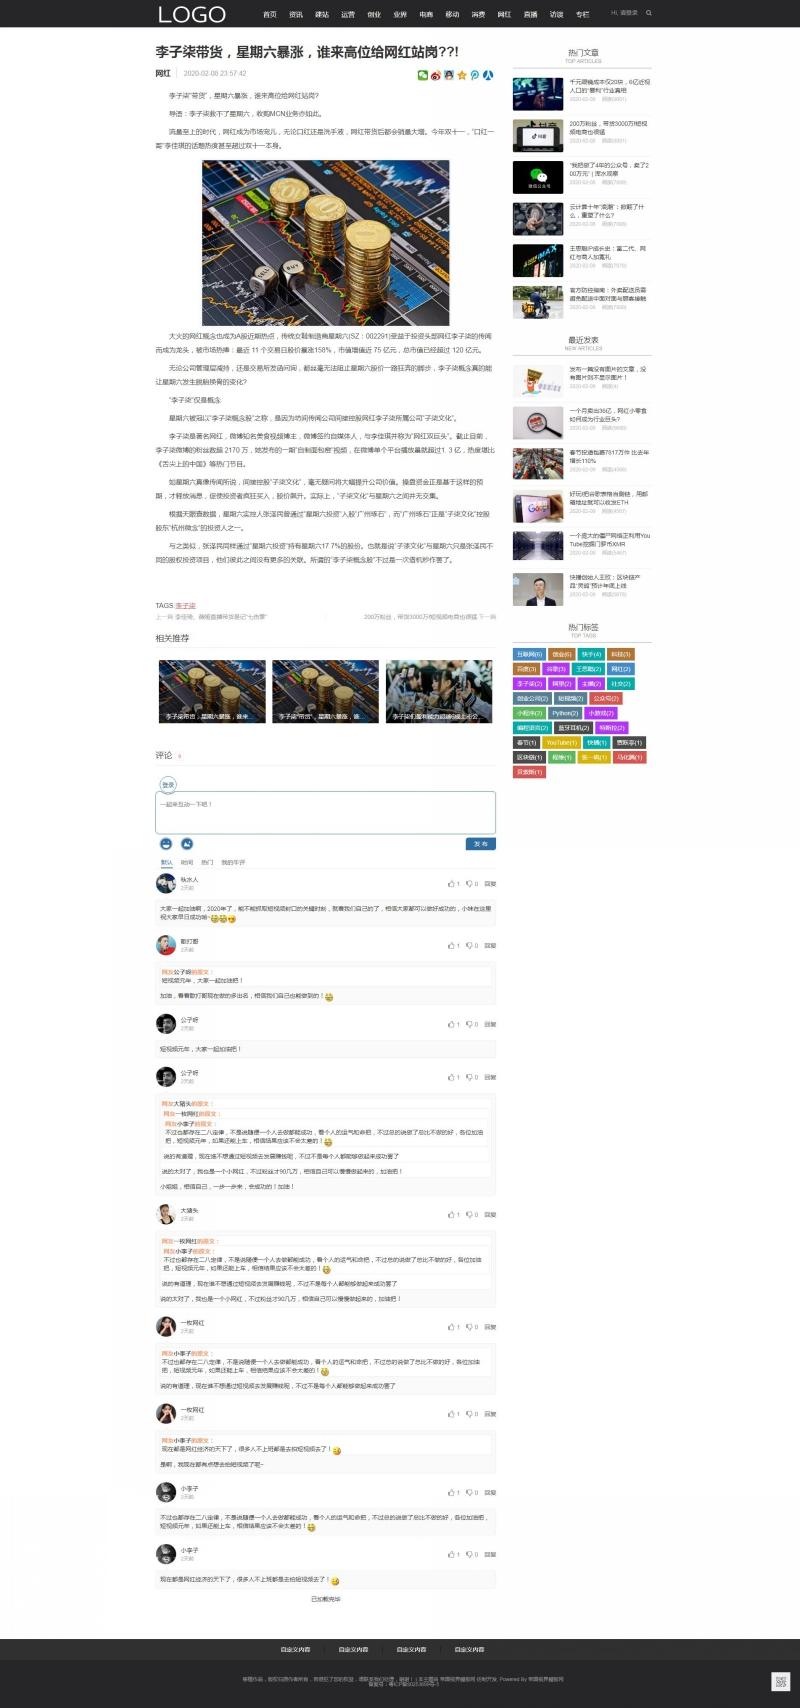 文章内容页.jpg [DG-057]帝国CMS高端大气黑色自媒体新闻资讯个人博客模板(带会员中心) 新闻资讯 第3张